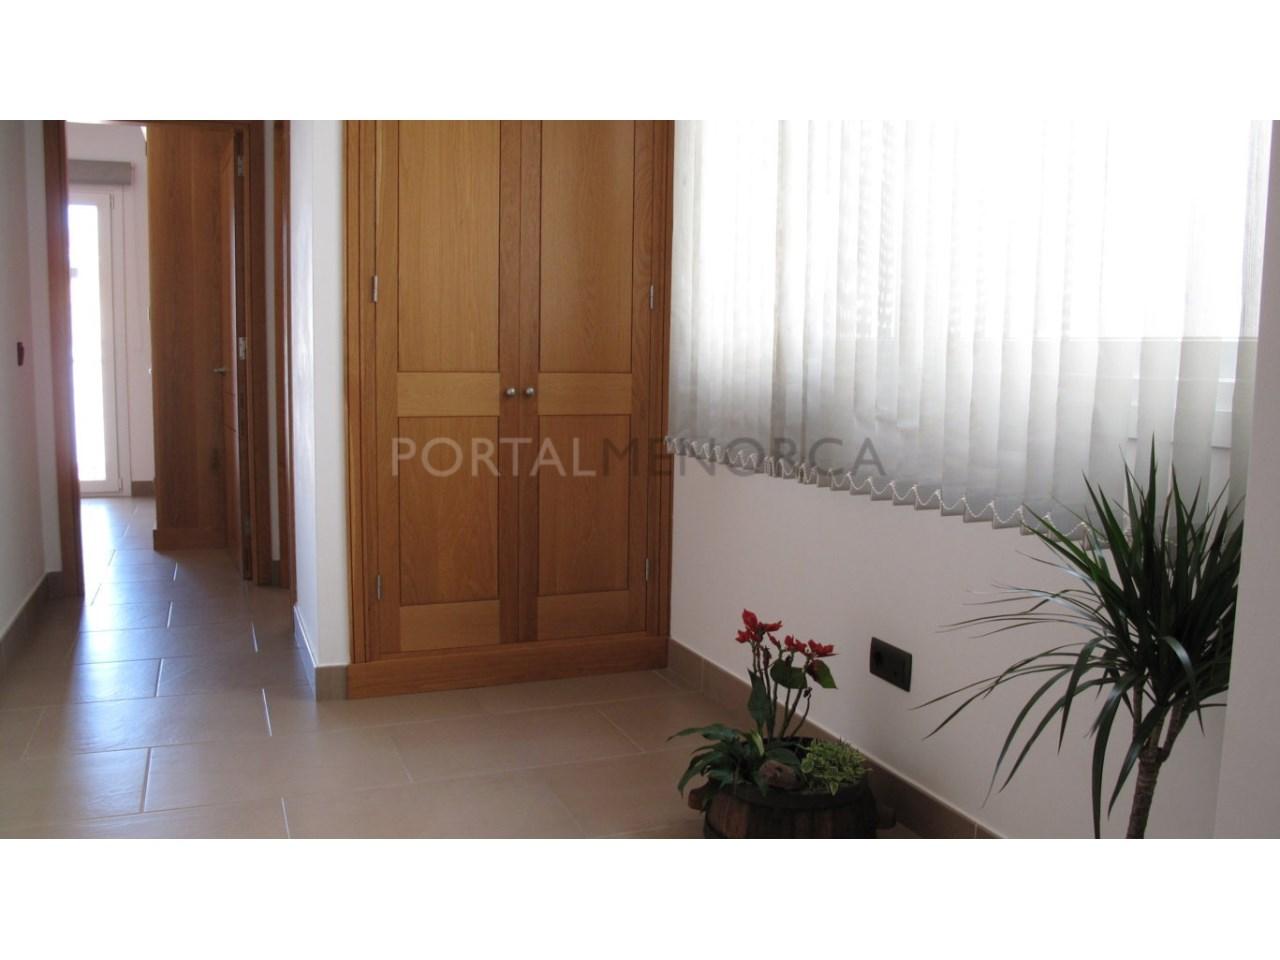 Apartment for sale in Ciutadella de Menorca-Hall